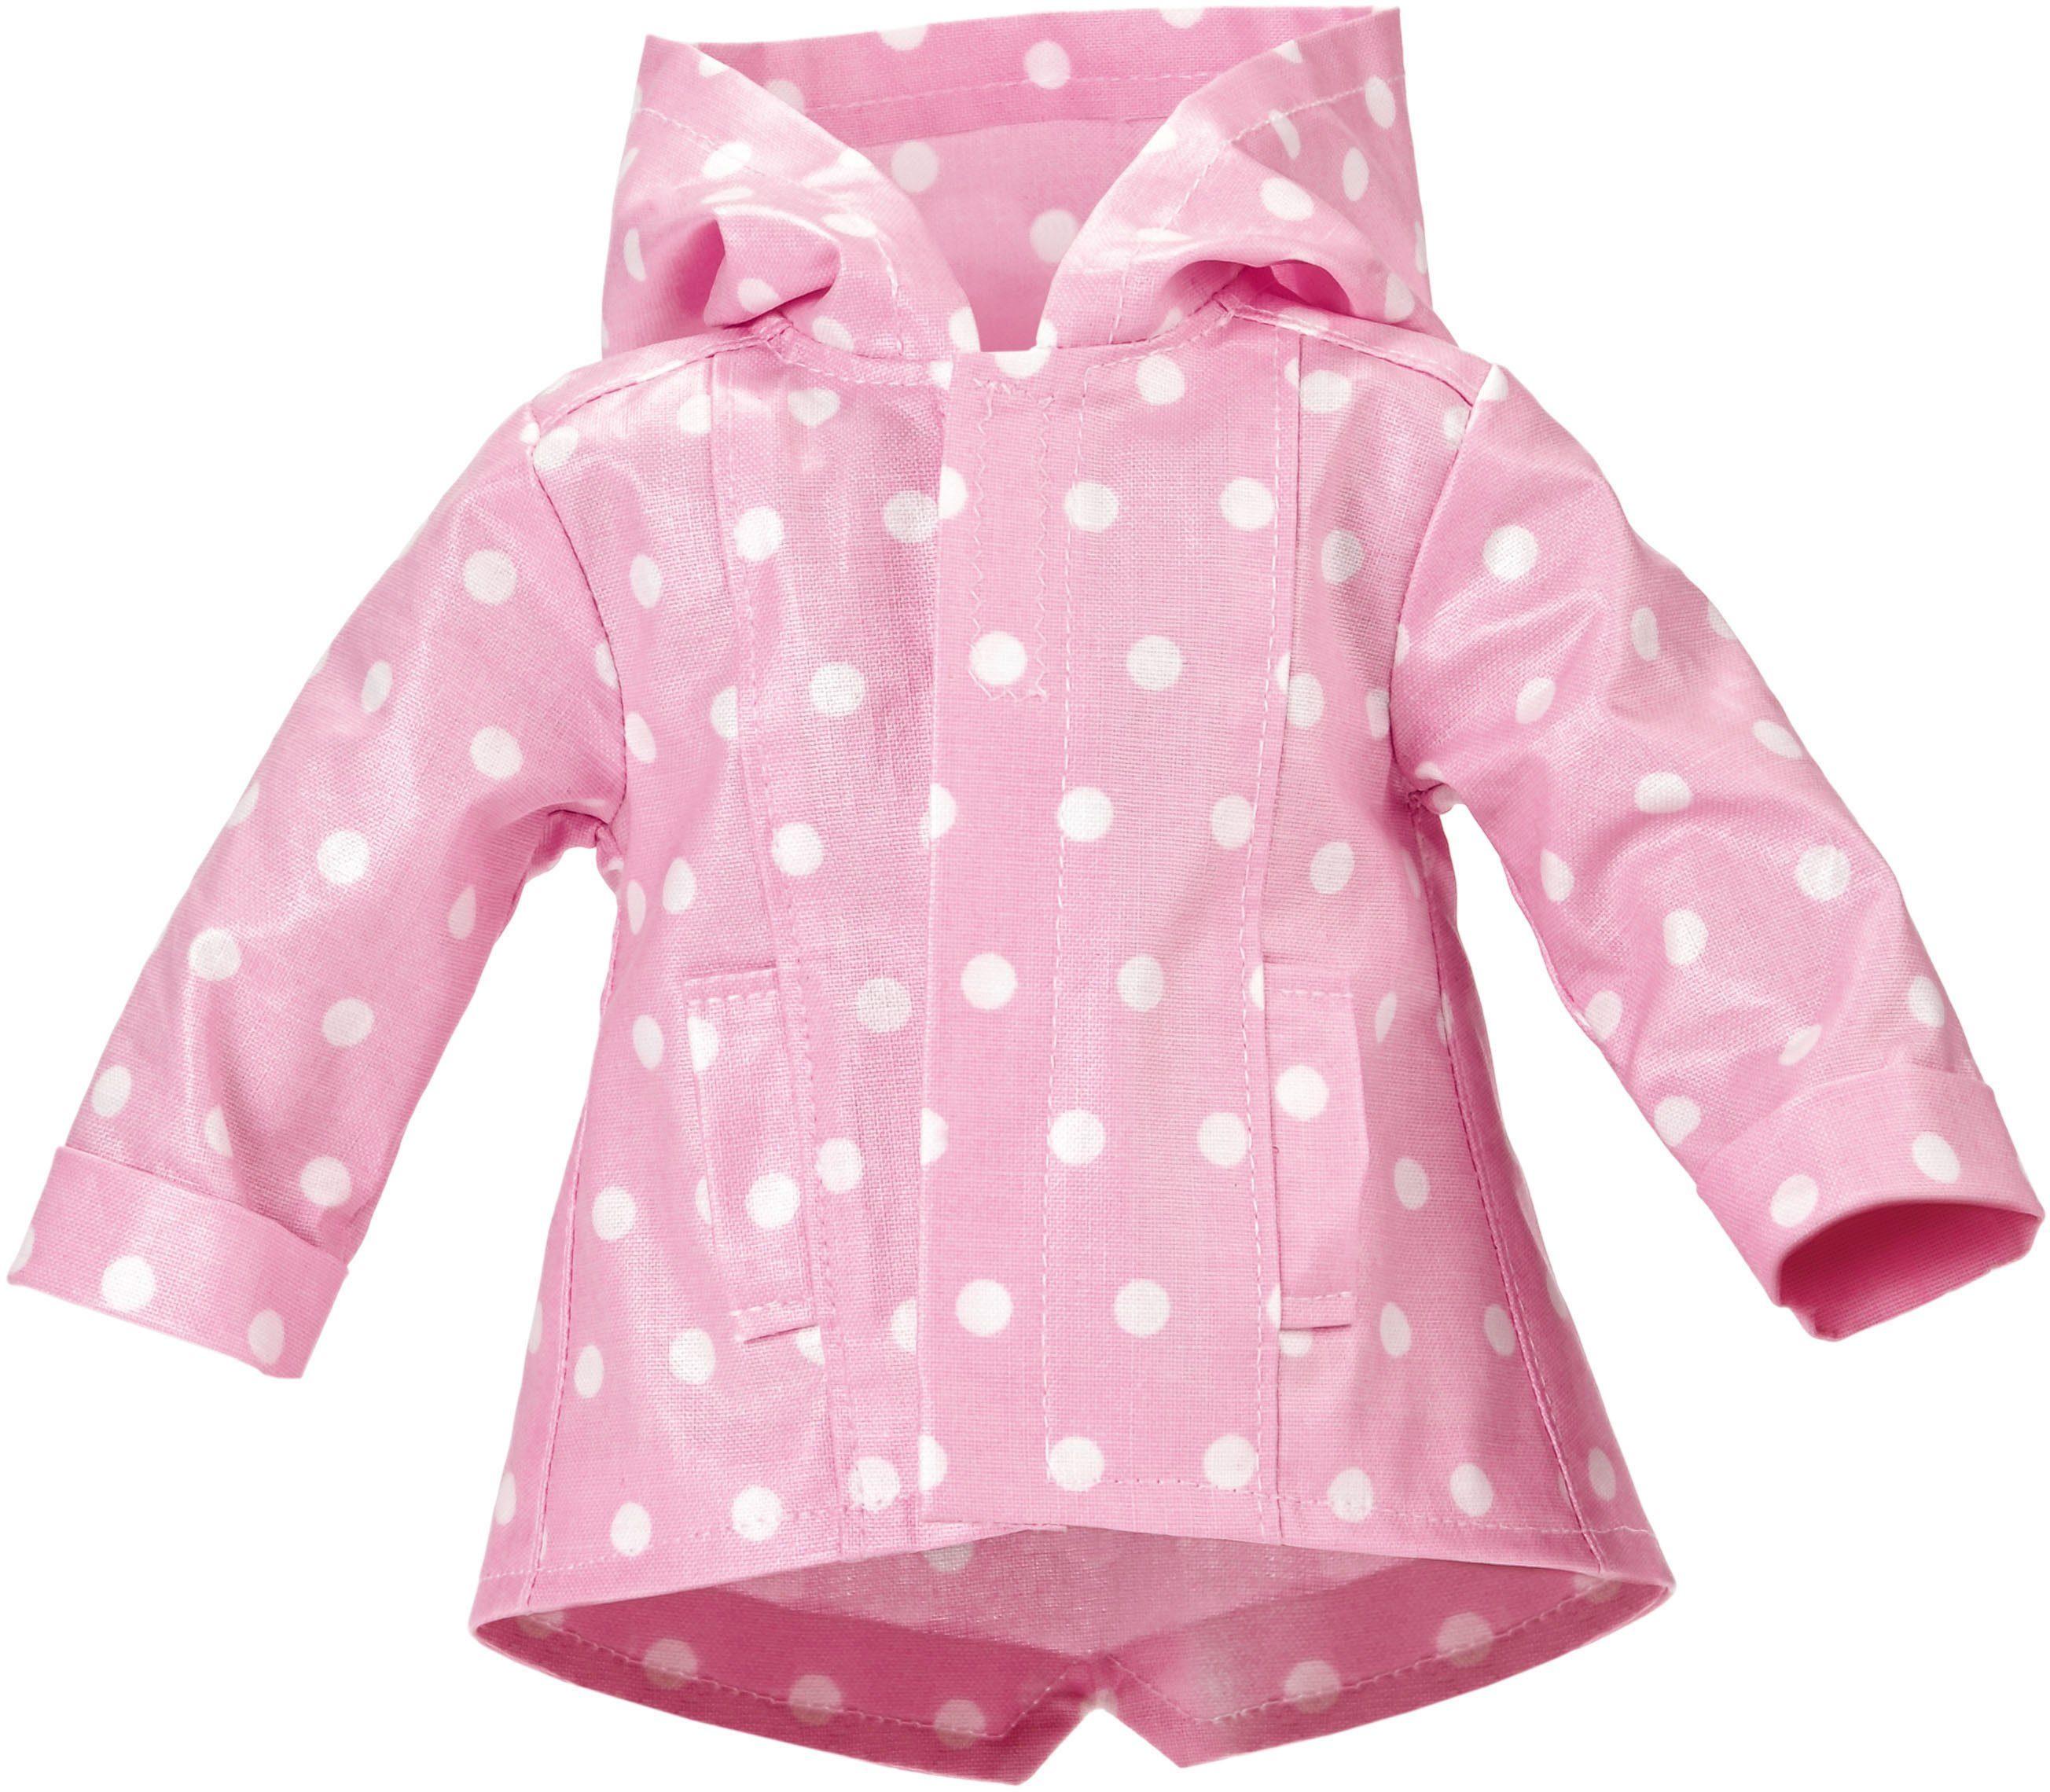 Käthe Kruse Puppenbekleidung, Gr. ca. 39-41cm, »Outfit Regenjacke rosa mit weißen Tupfen 39-41 cm«